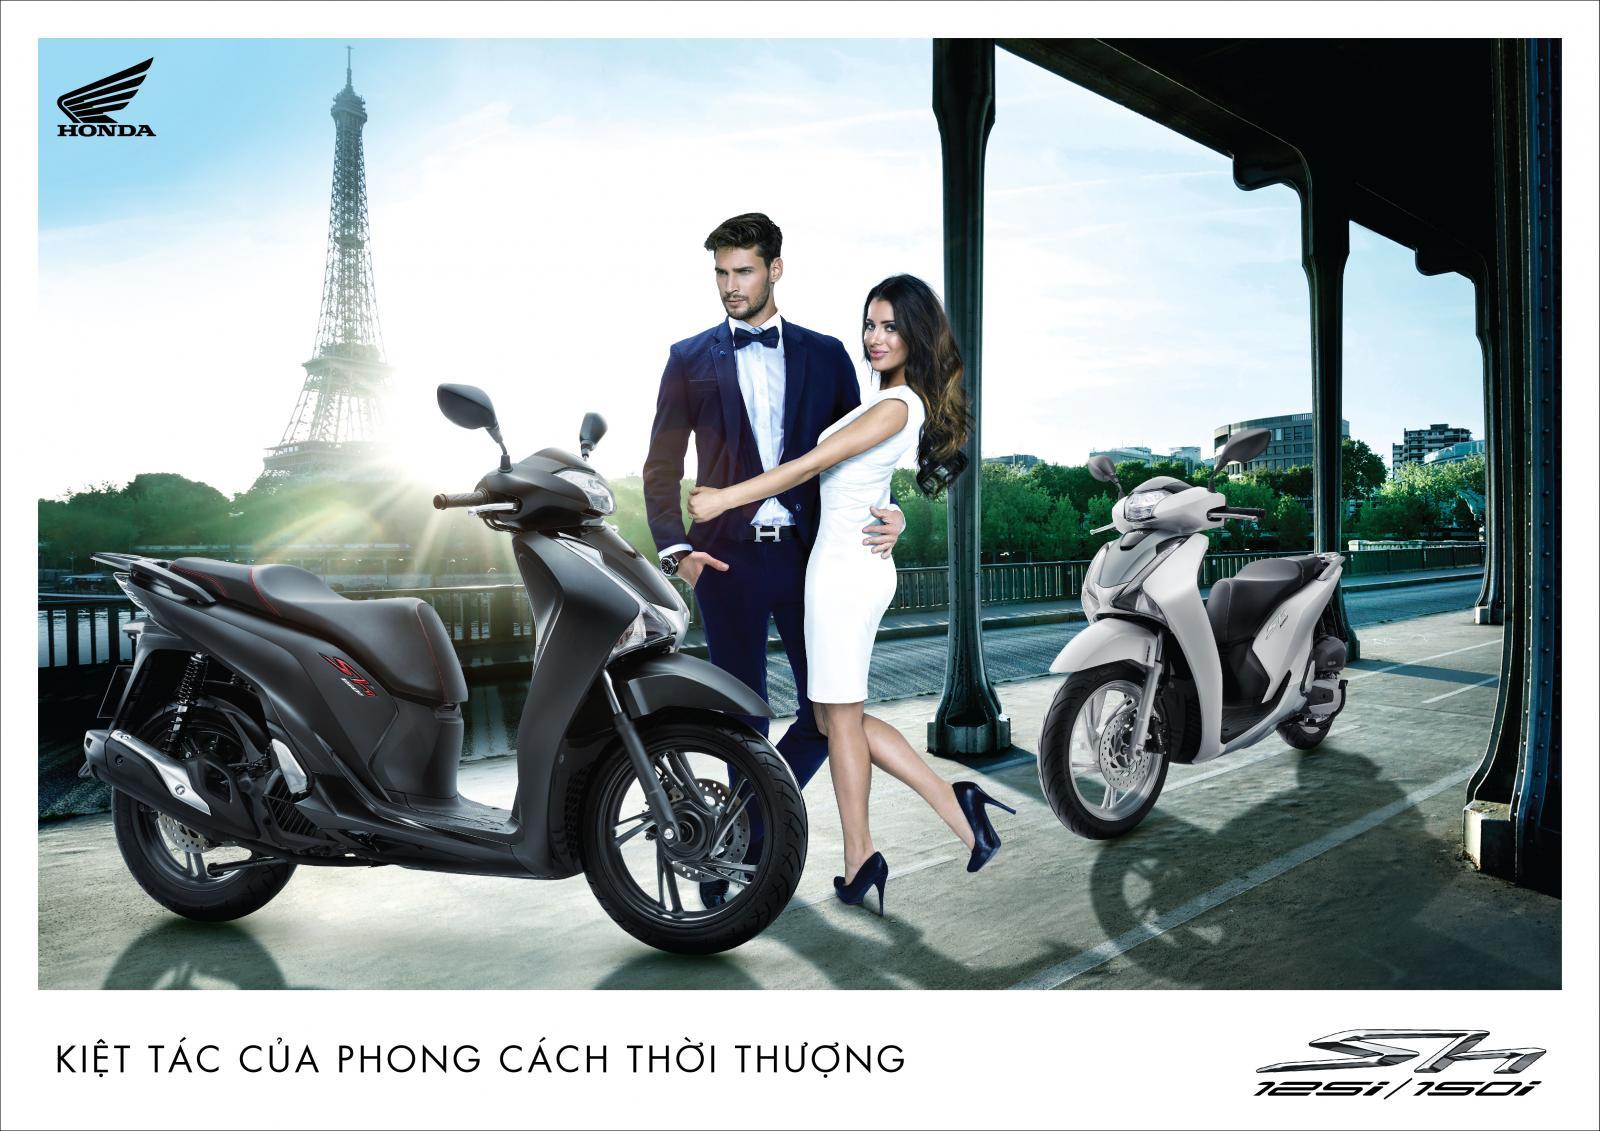 Honda Việt Nam ra mắt màu đen mờ hoàn toàn mới cho dòng xe cao cấp SH 150i - Hình 1